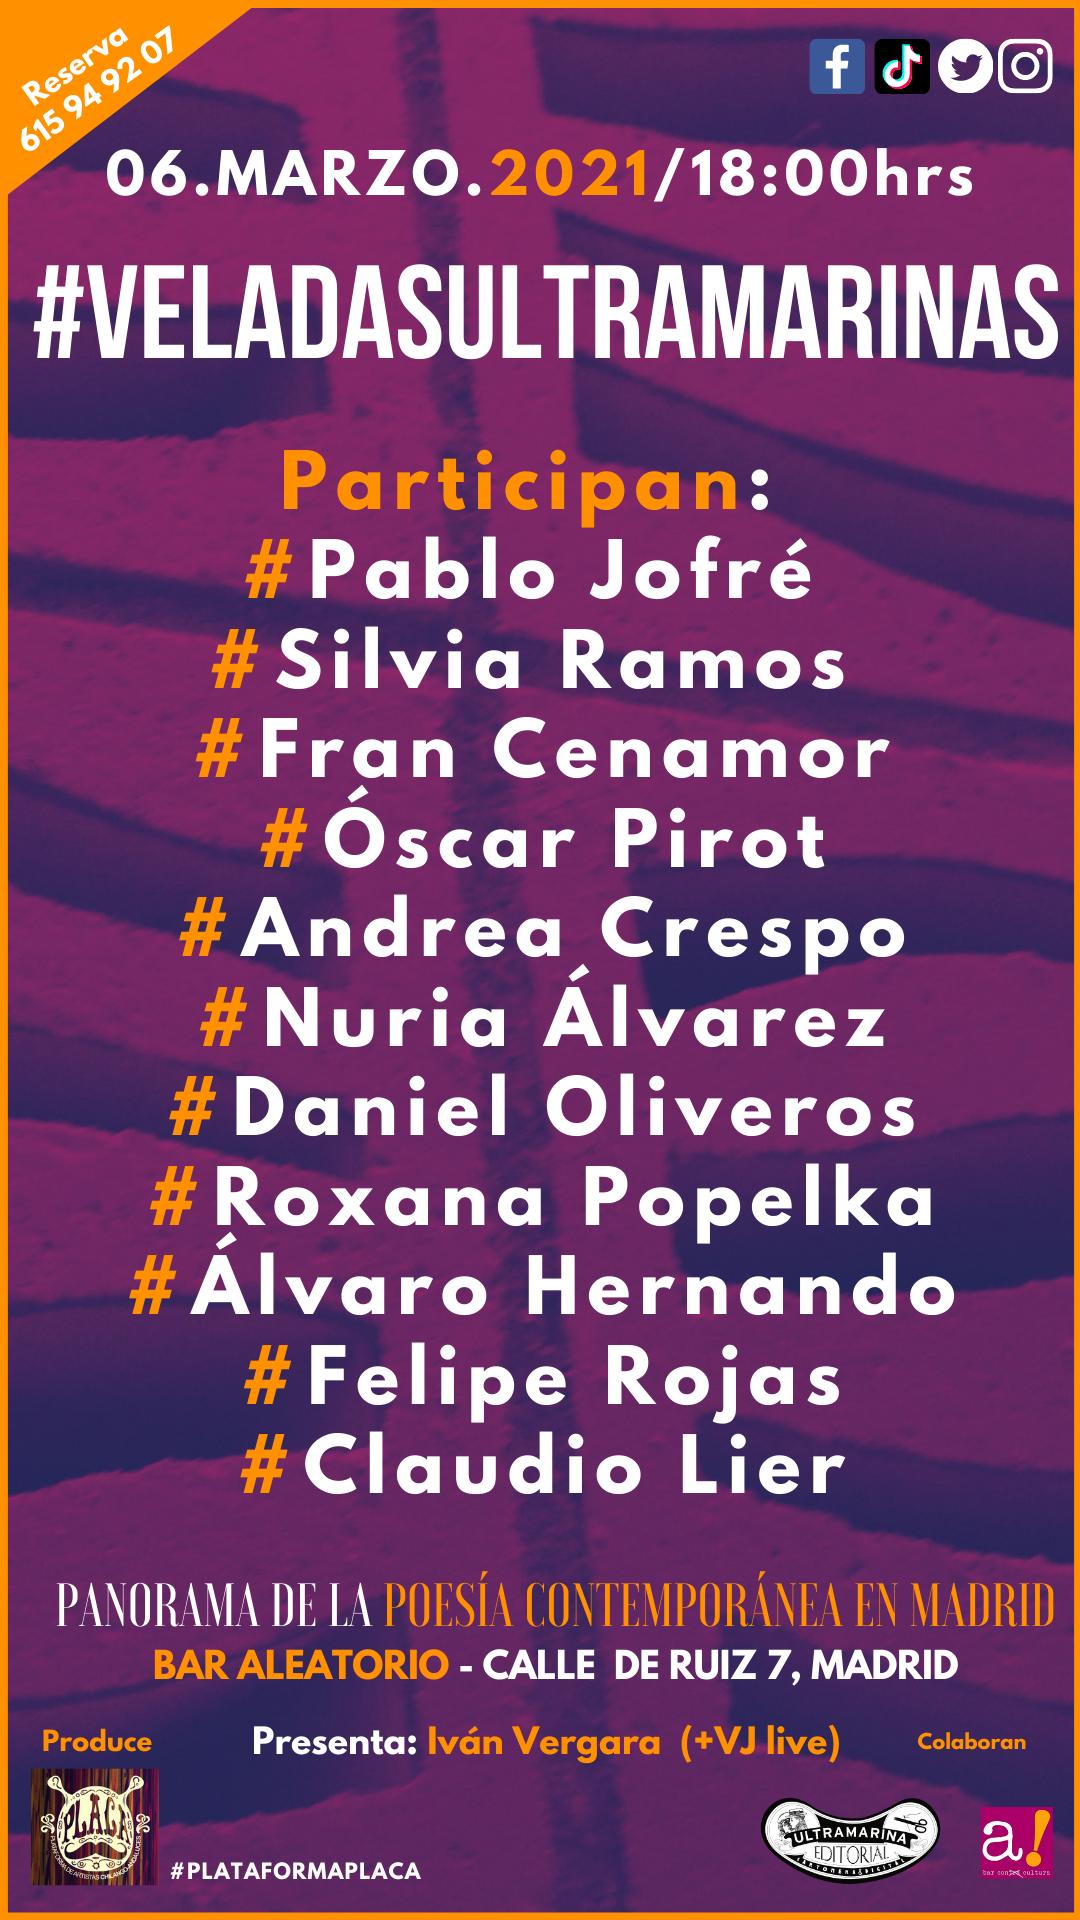 1ª VeladaUltramarina en Madrid del 2021. Novena temporada Vs. F**** Virus